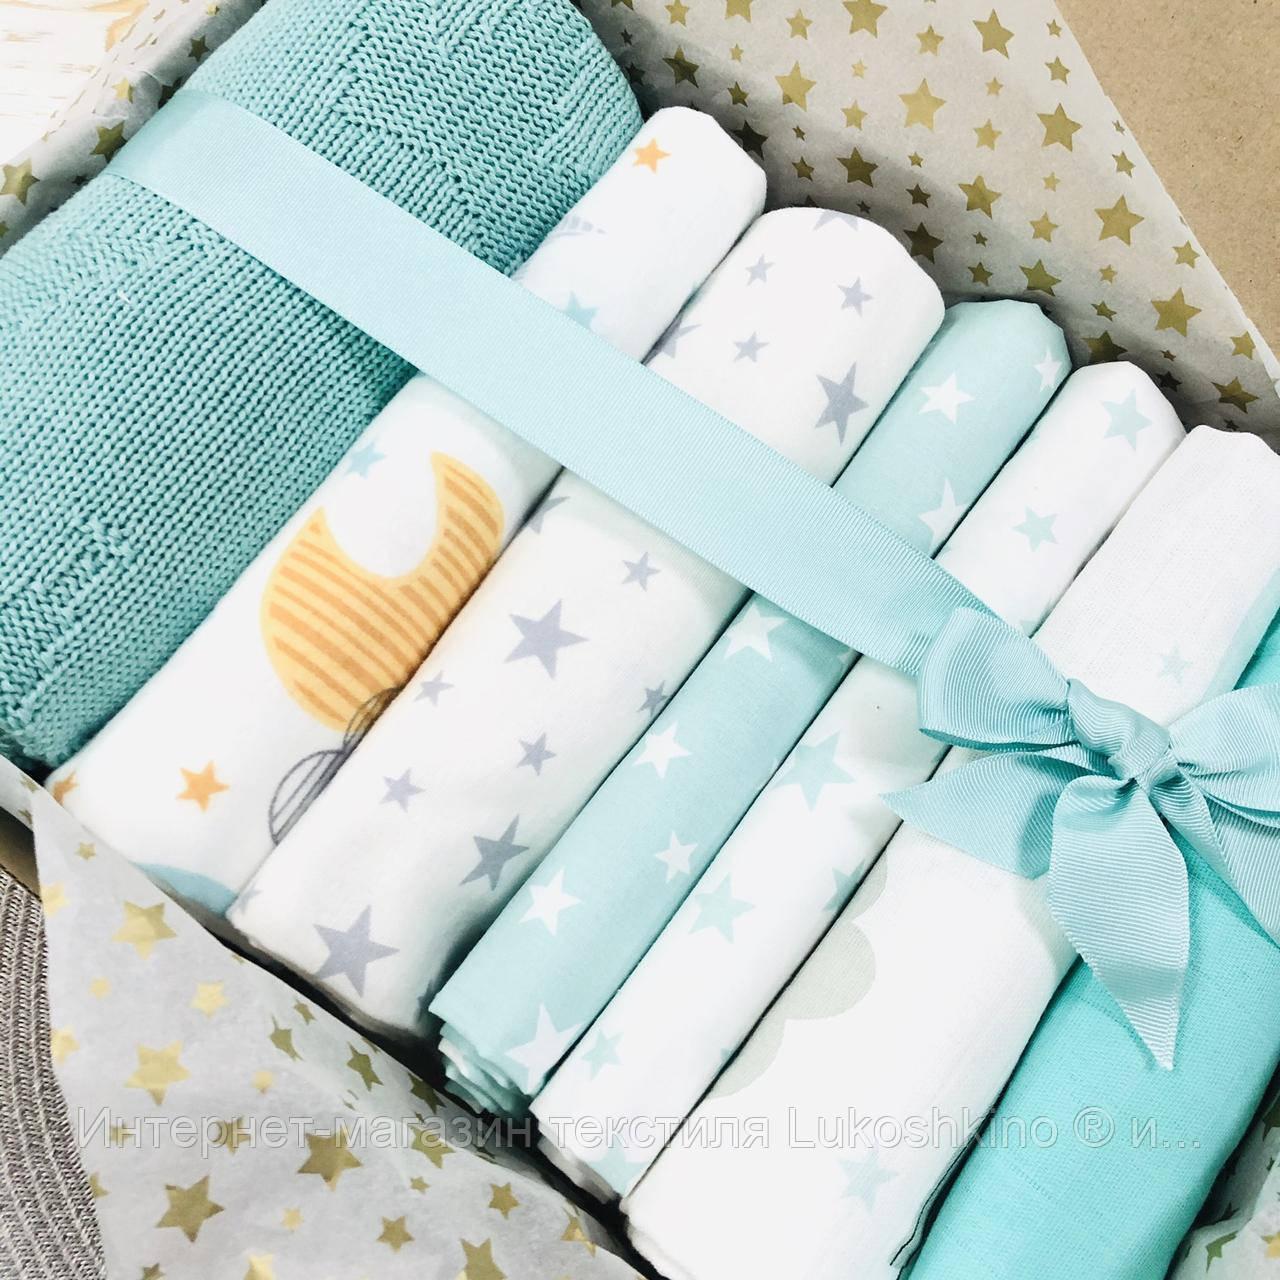 Подарочный набор пеленок Lukoshkino ® нейтральный мята №2